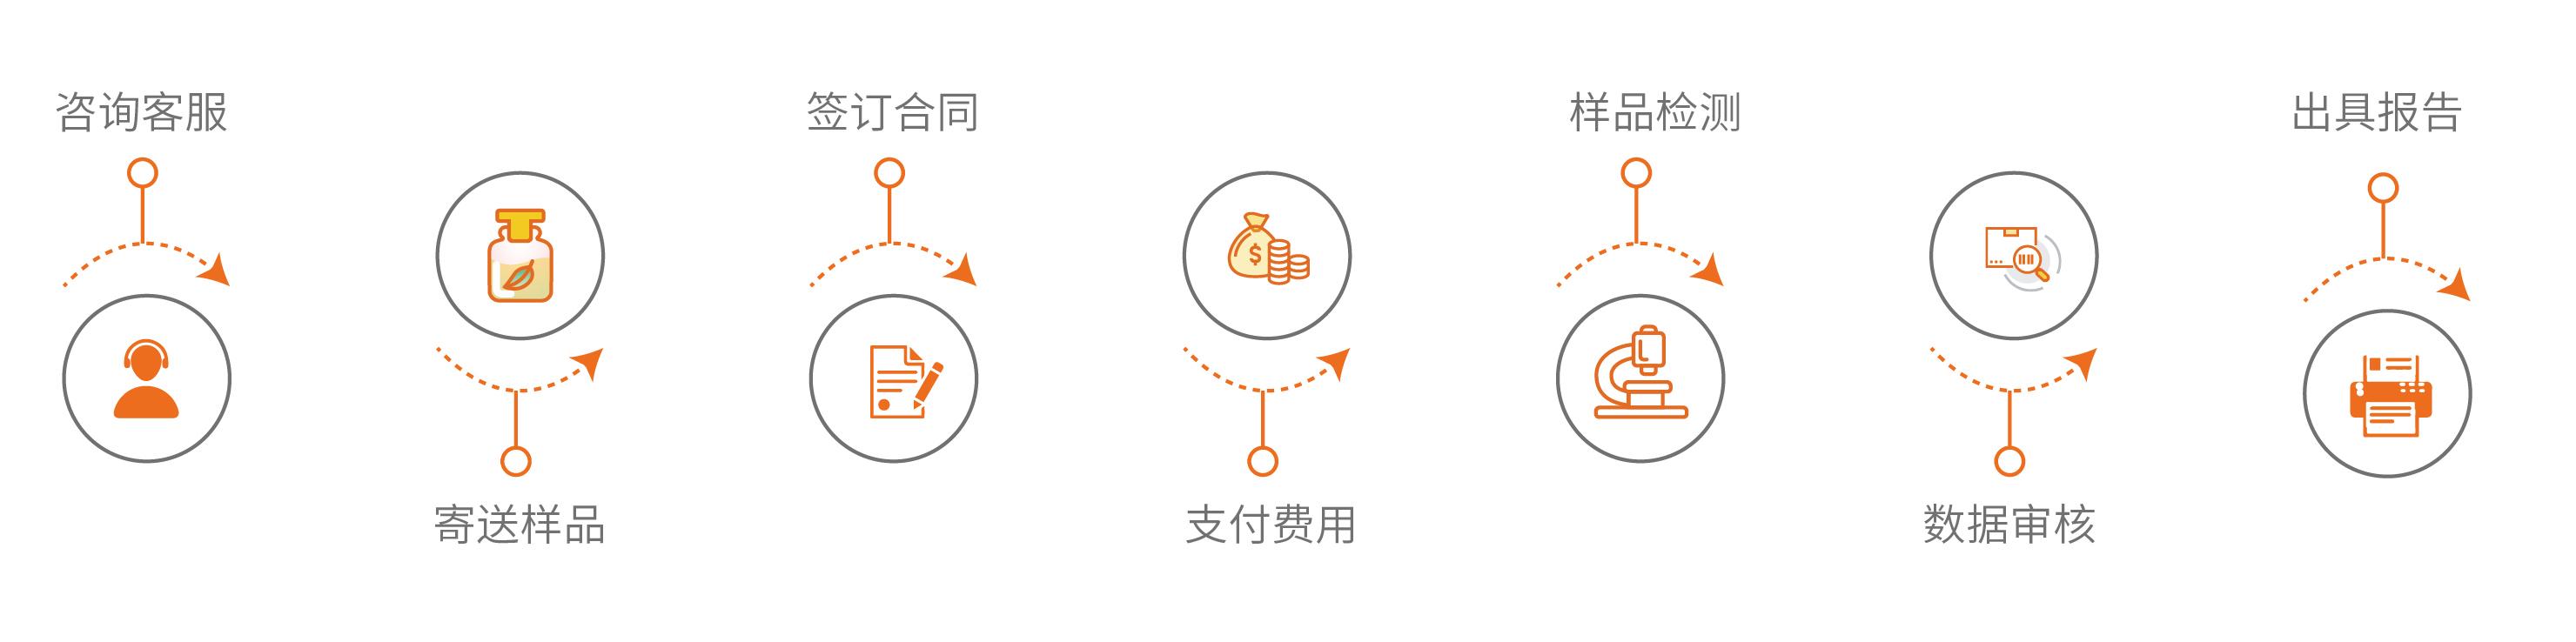 流程_工业.jpg